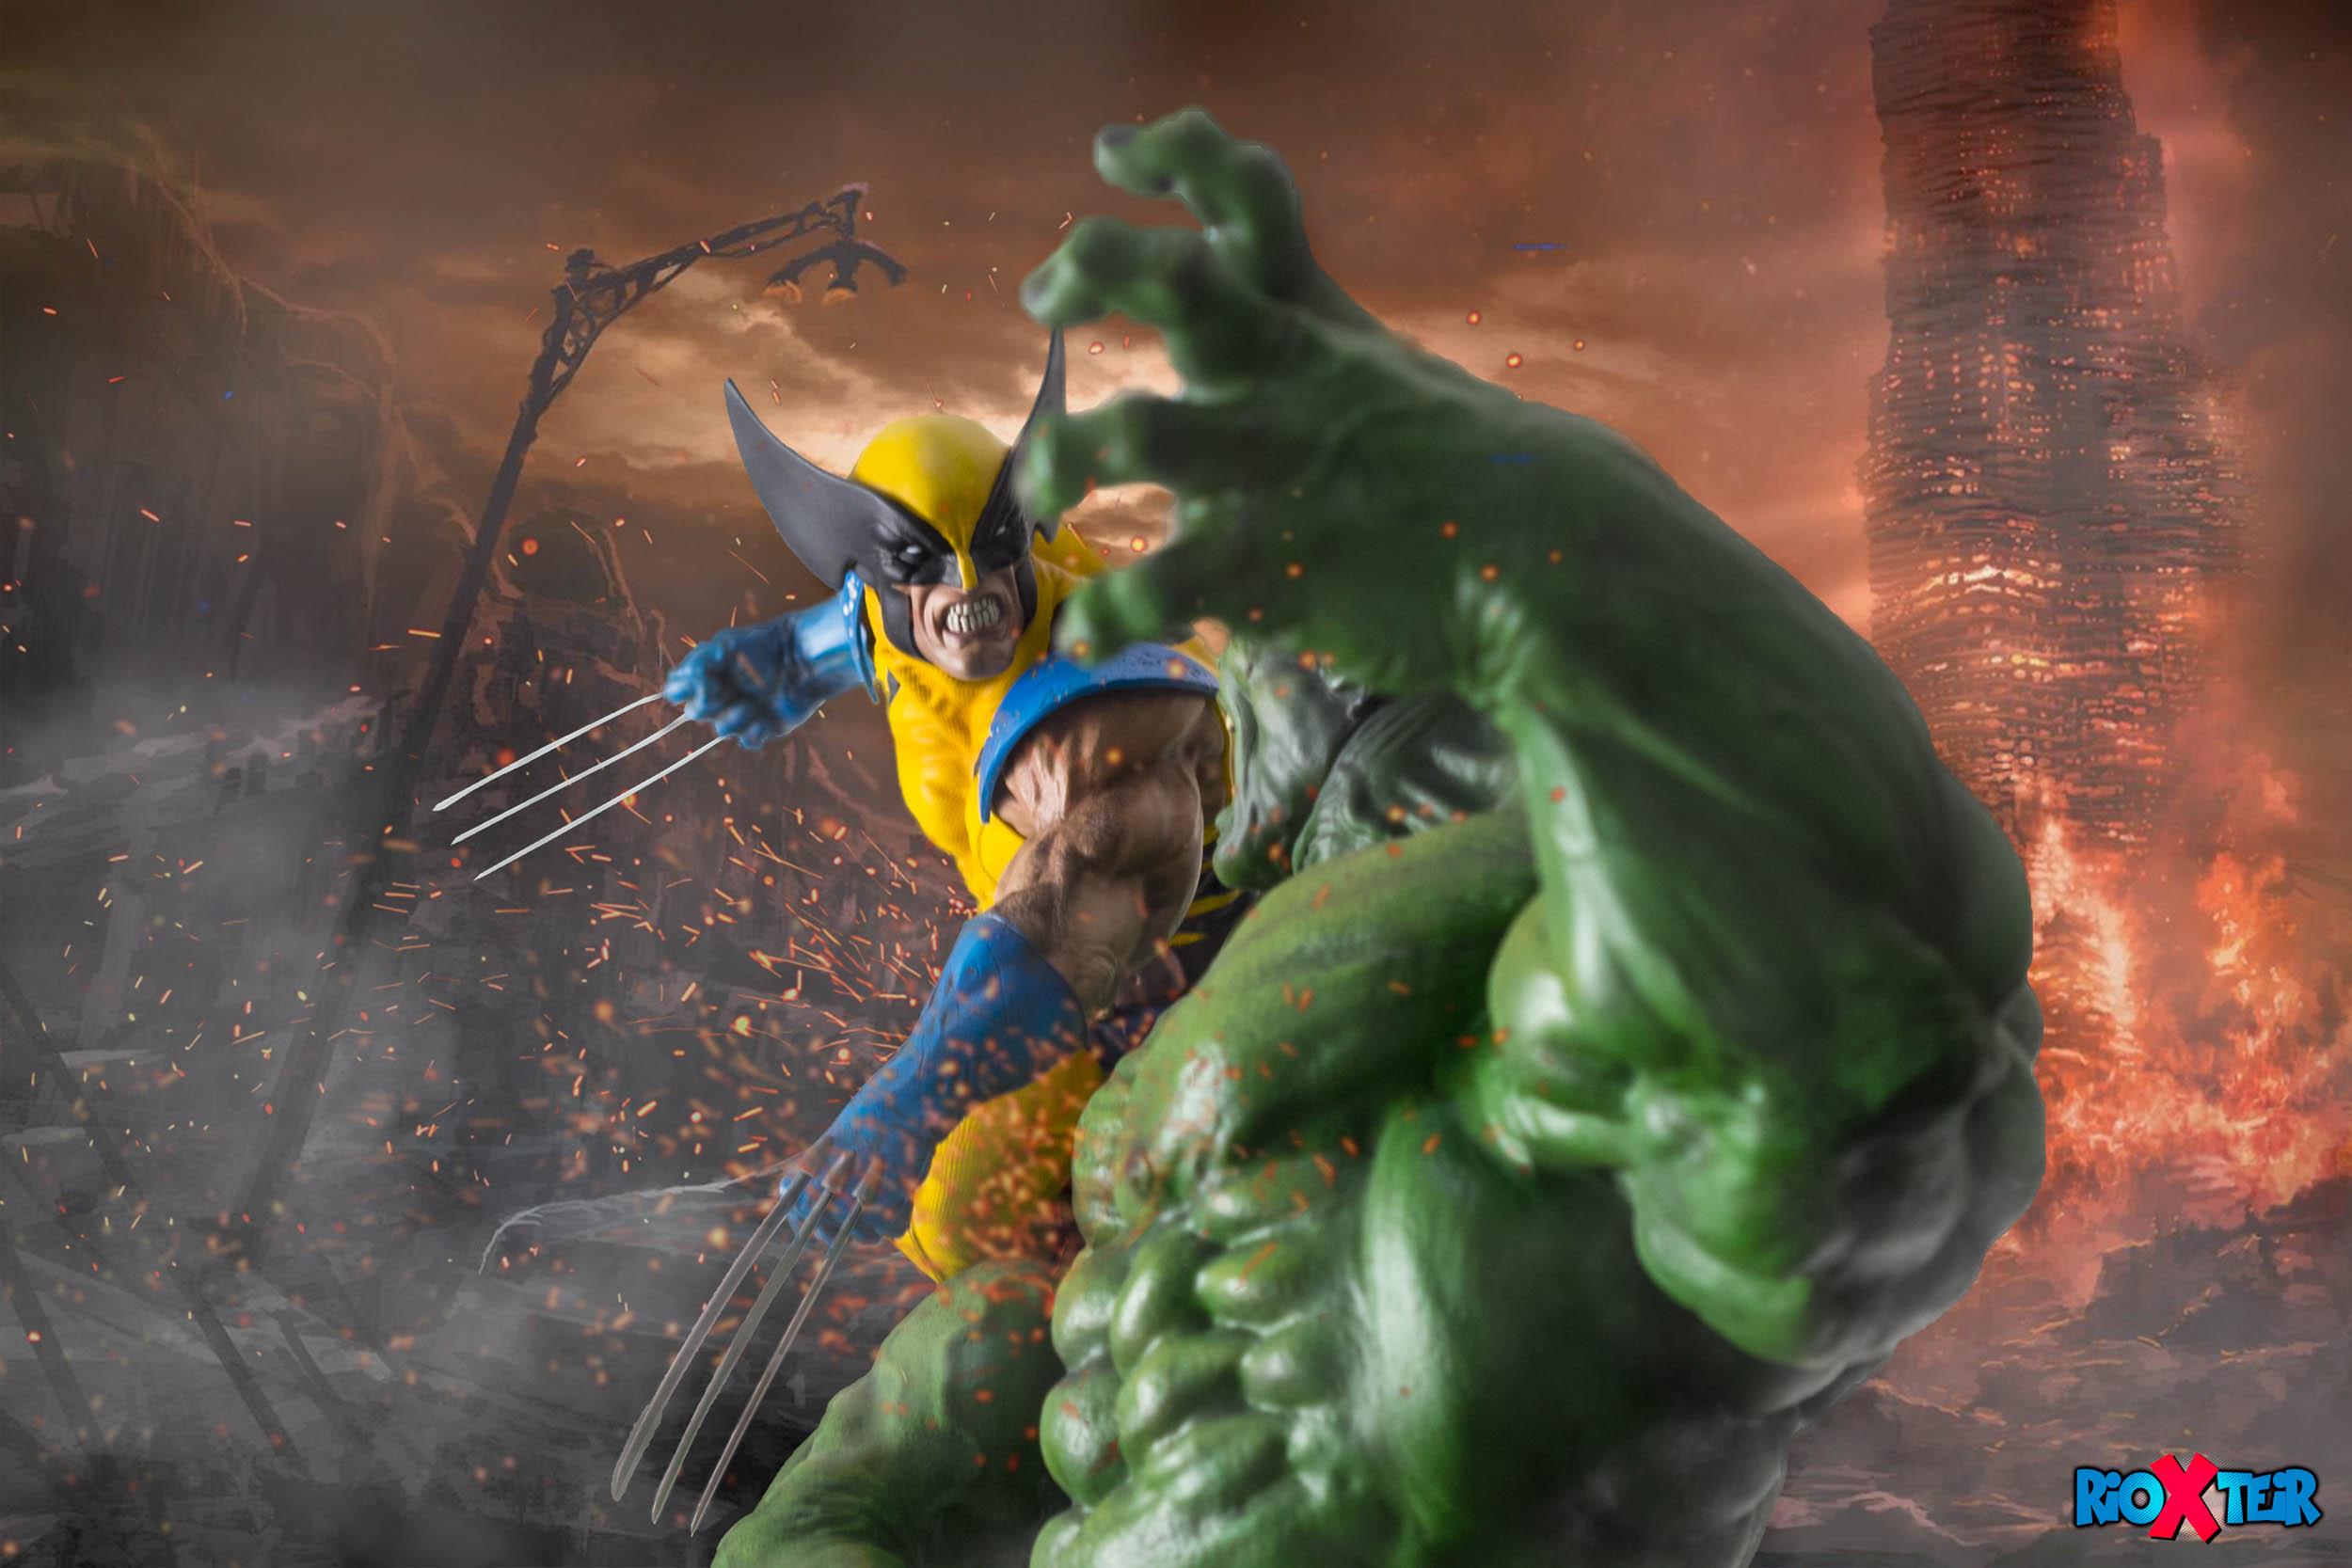 Wolverine versus Hulk Statue